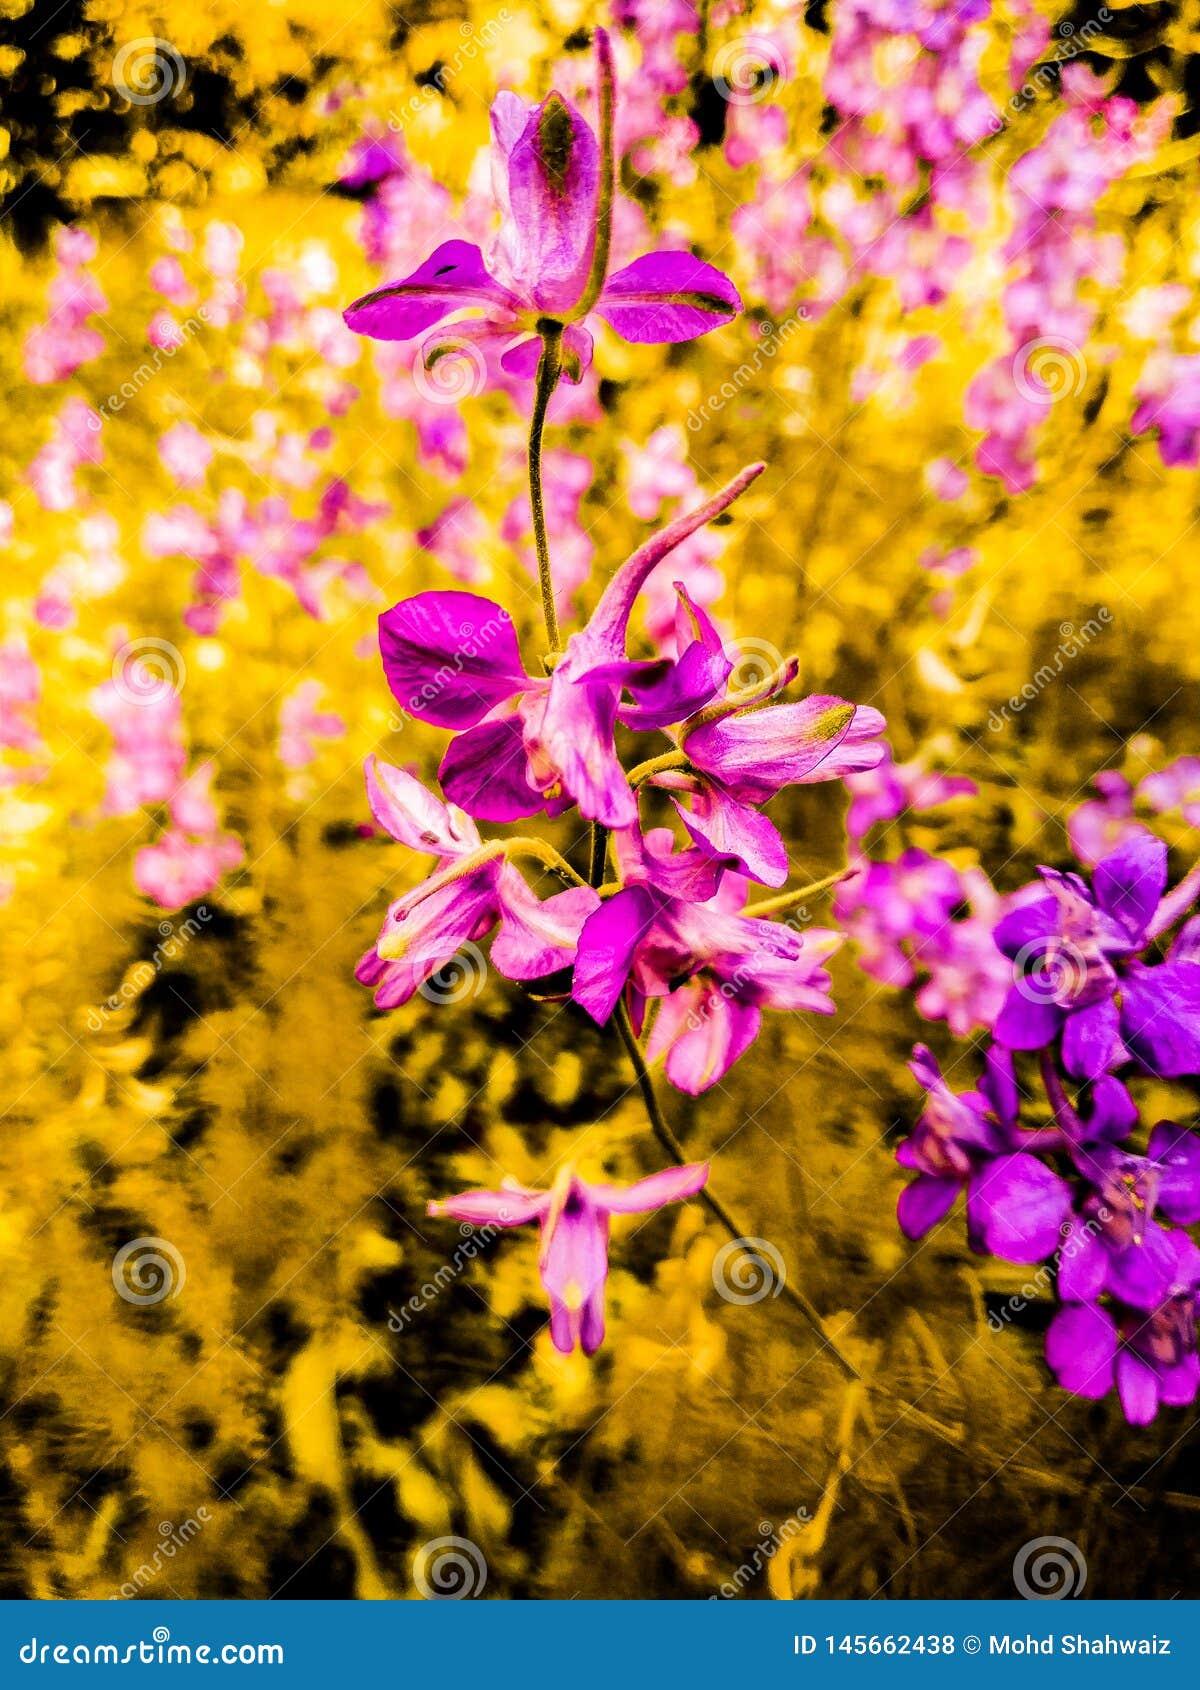 Full Hd Flower Wallpaper Stock Photo Image Of Hdflower 145662438